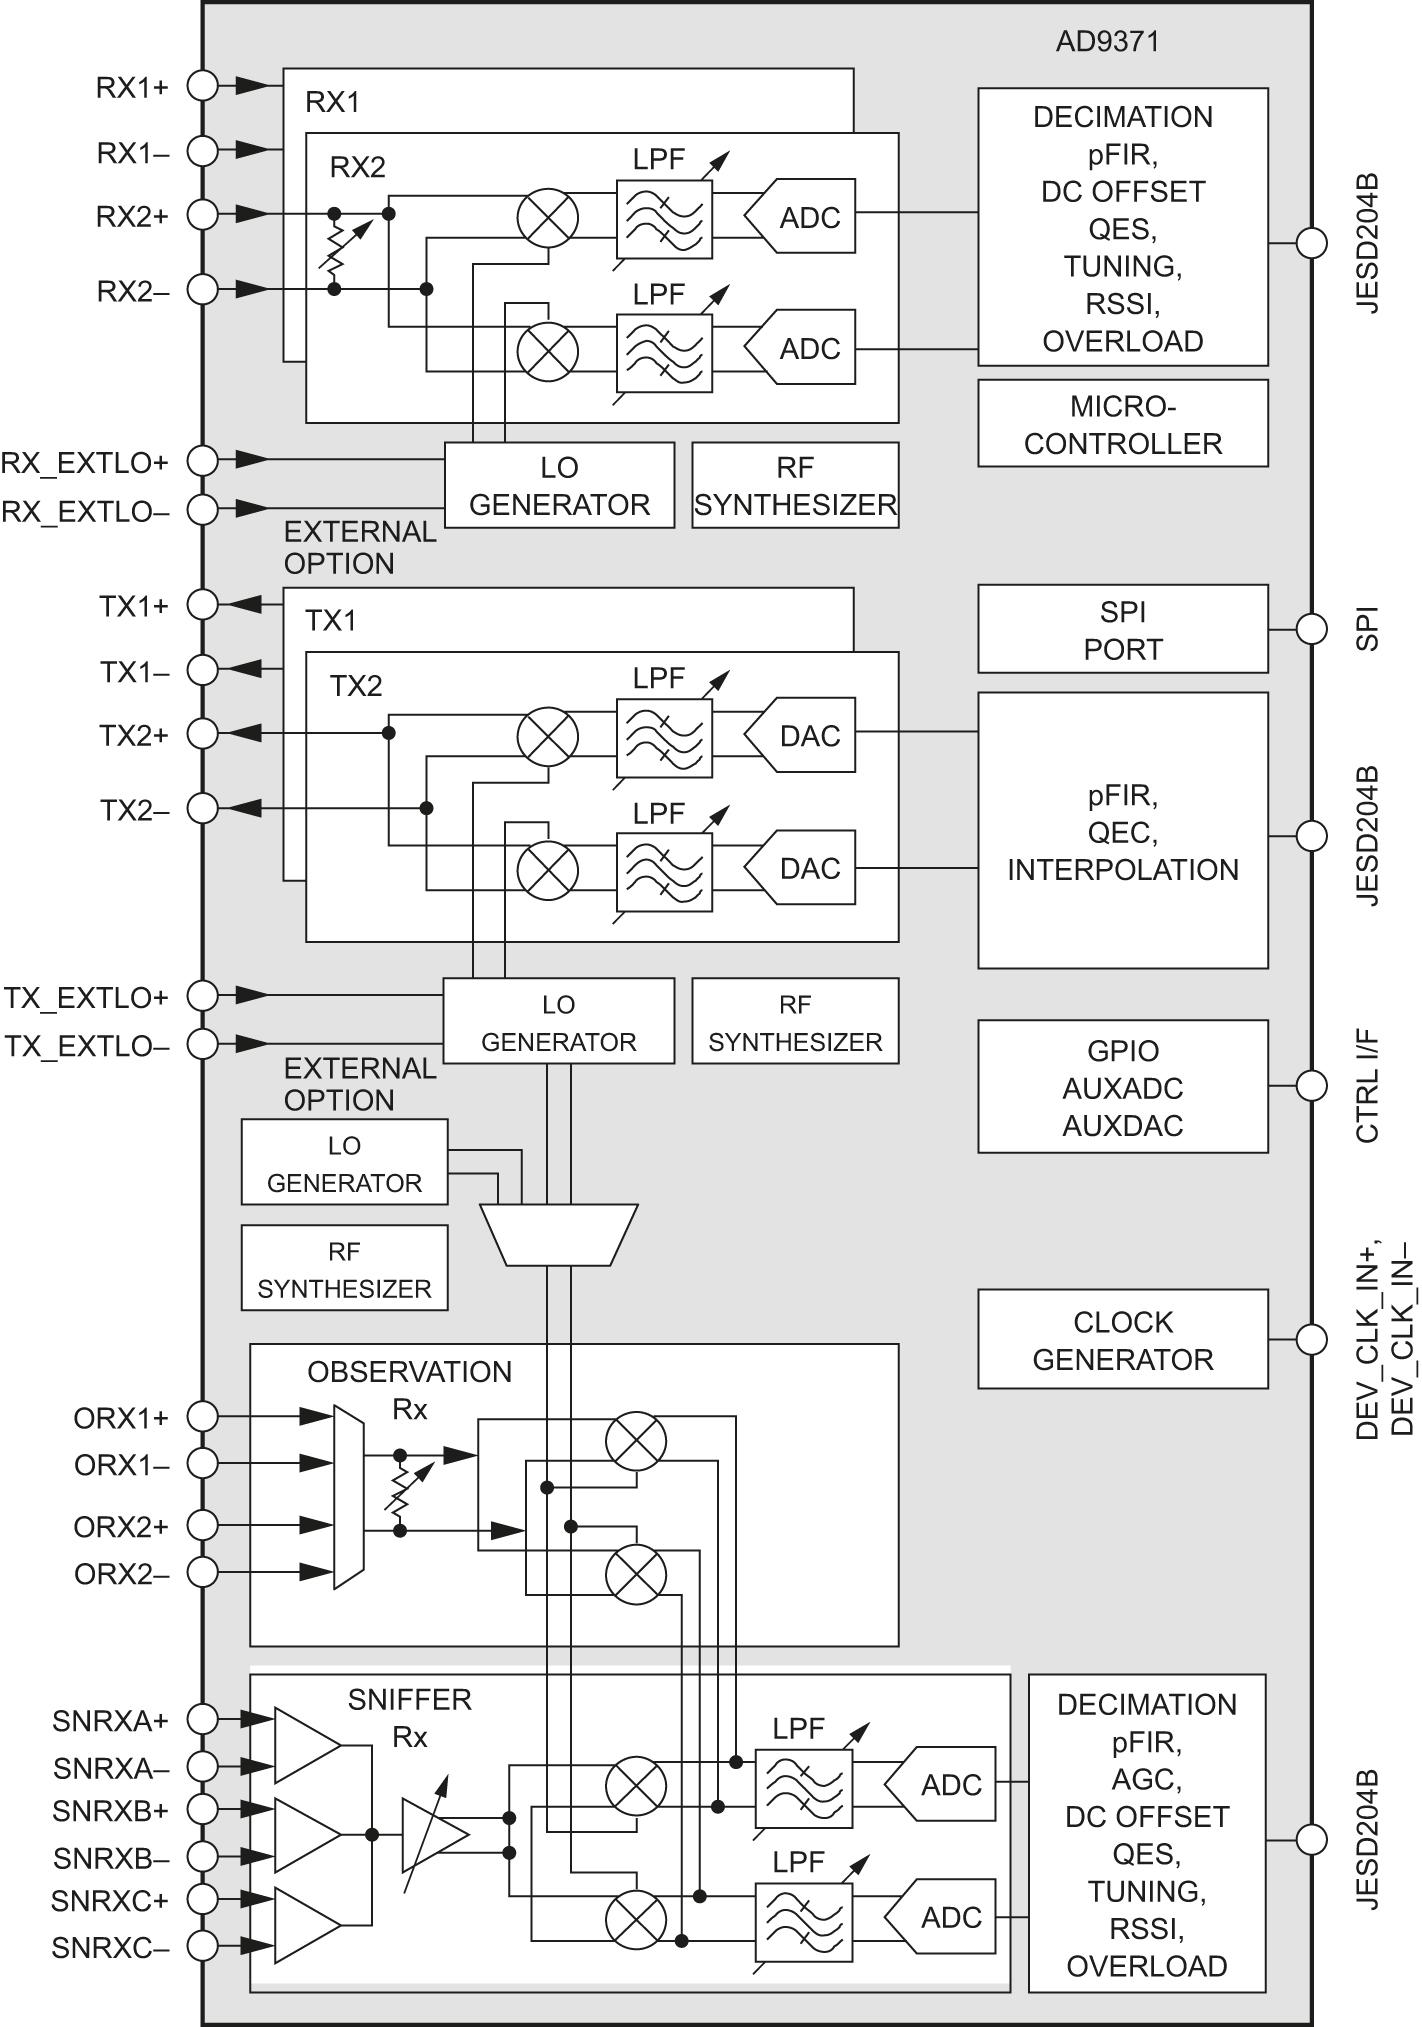 Функциональная схема приемопередатчика A